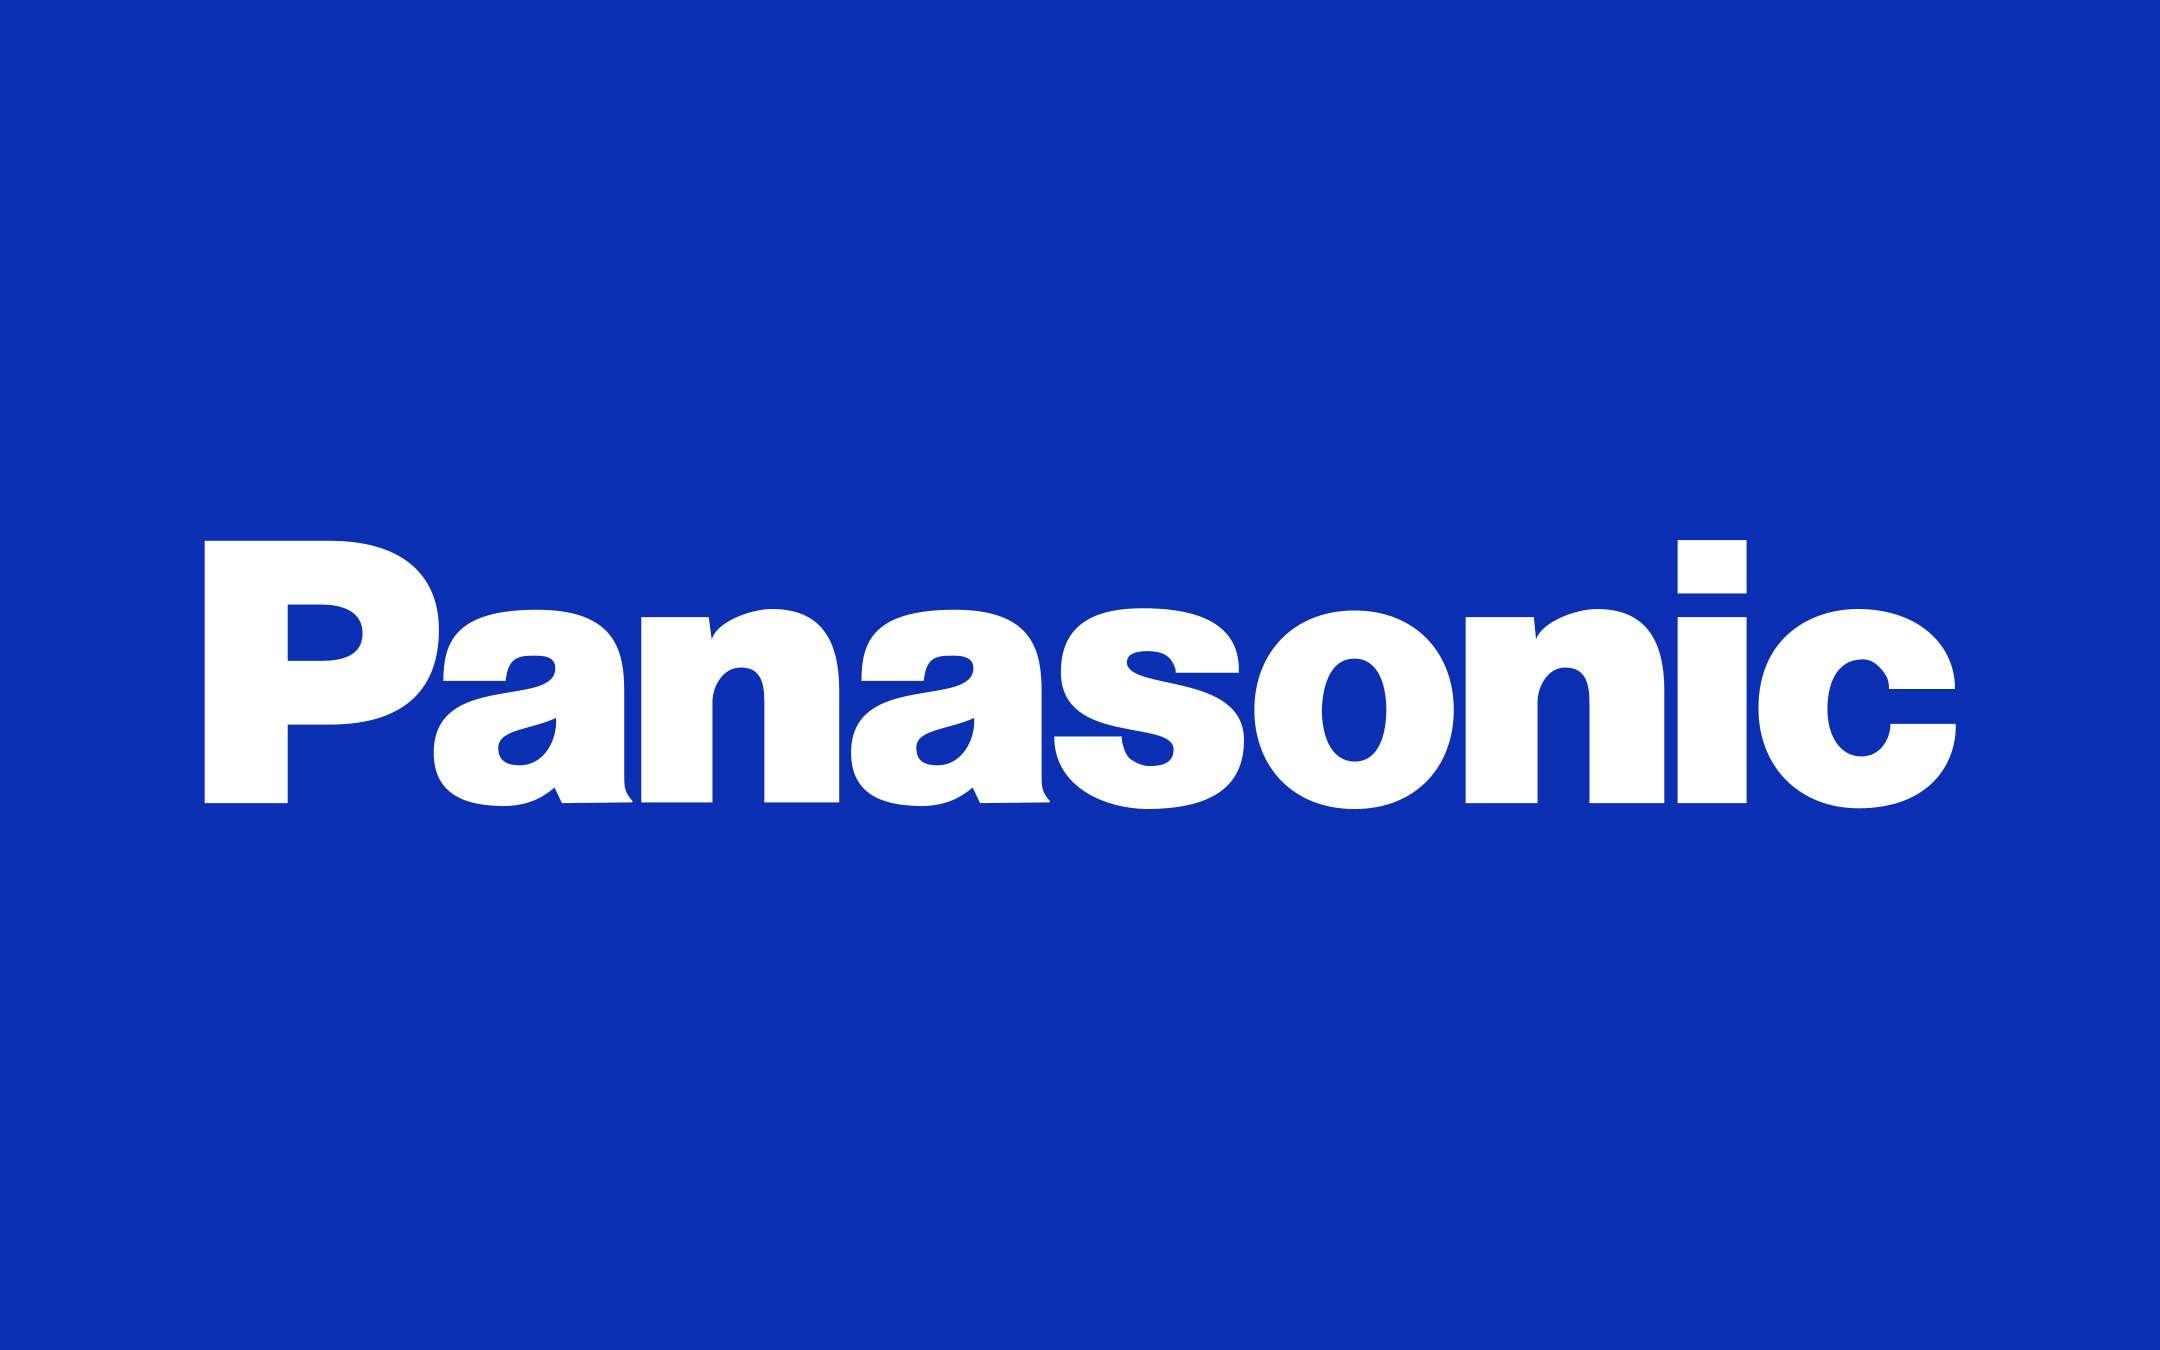 Panasonic has chosen its new CEO: Yuki Kusumi